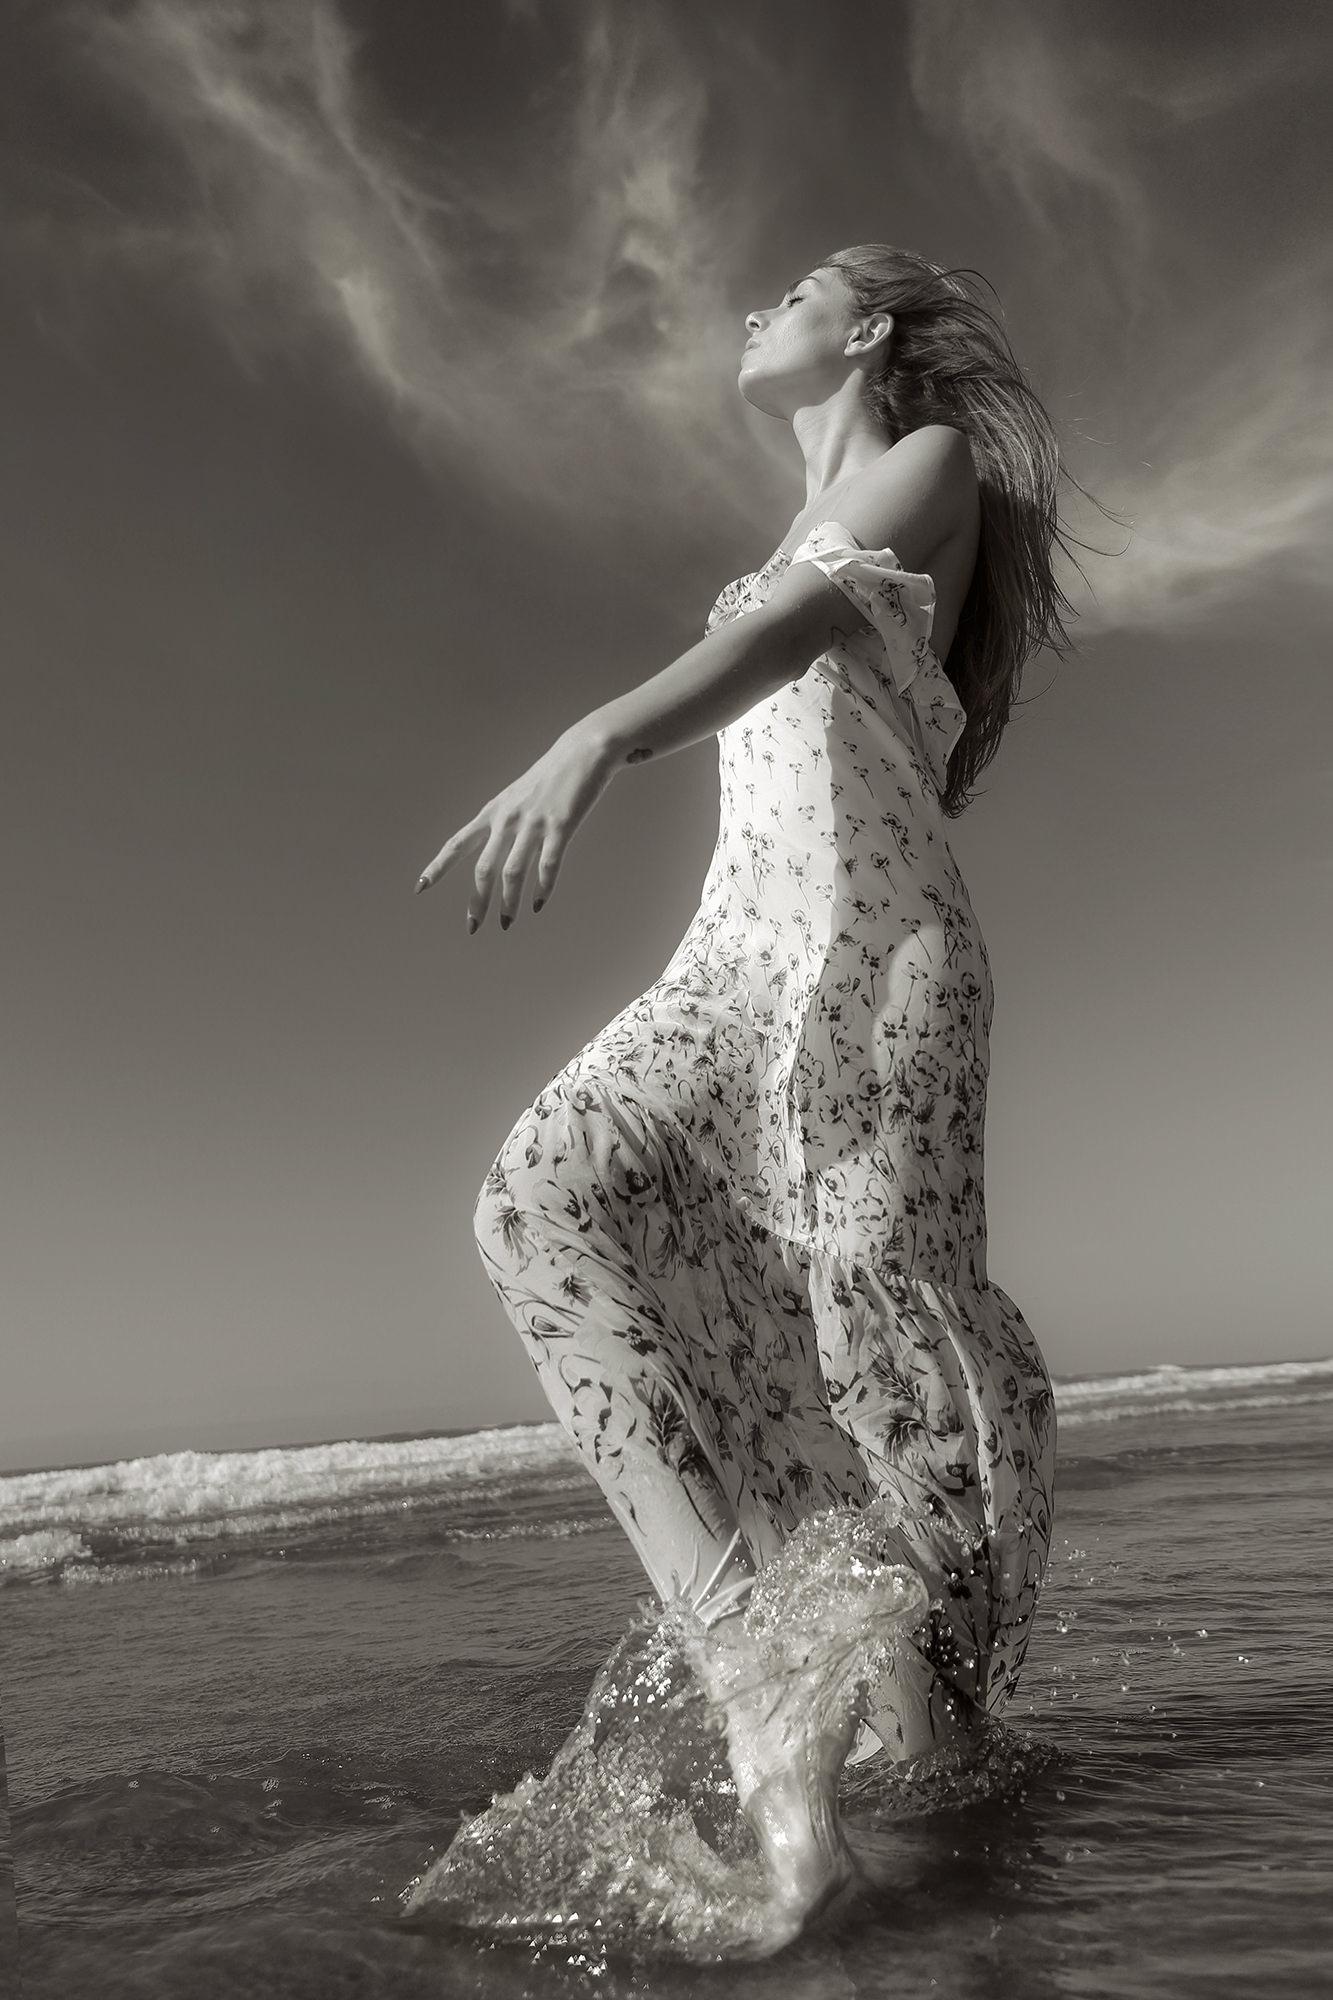 VENUS Gallery - Alessia Marseglia by Andre Moreau